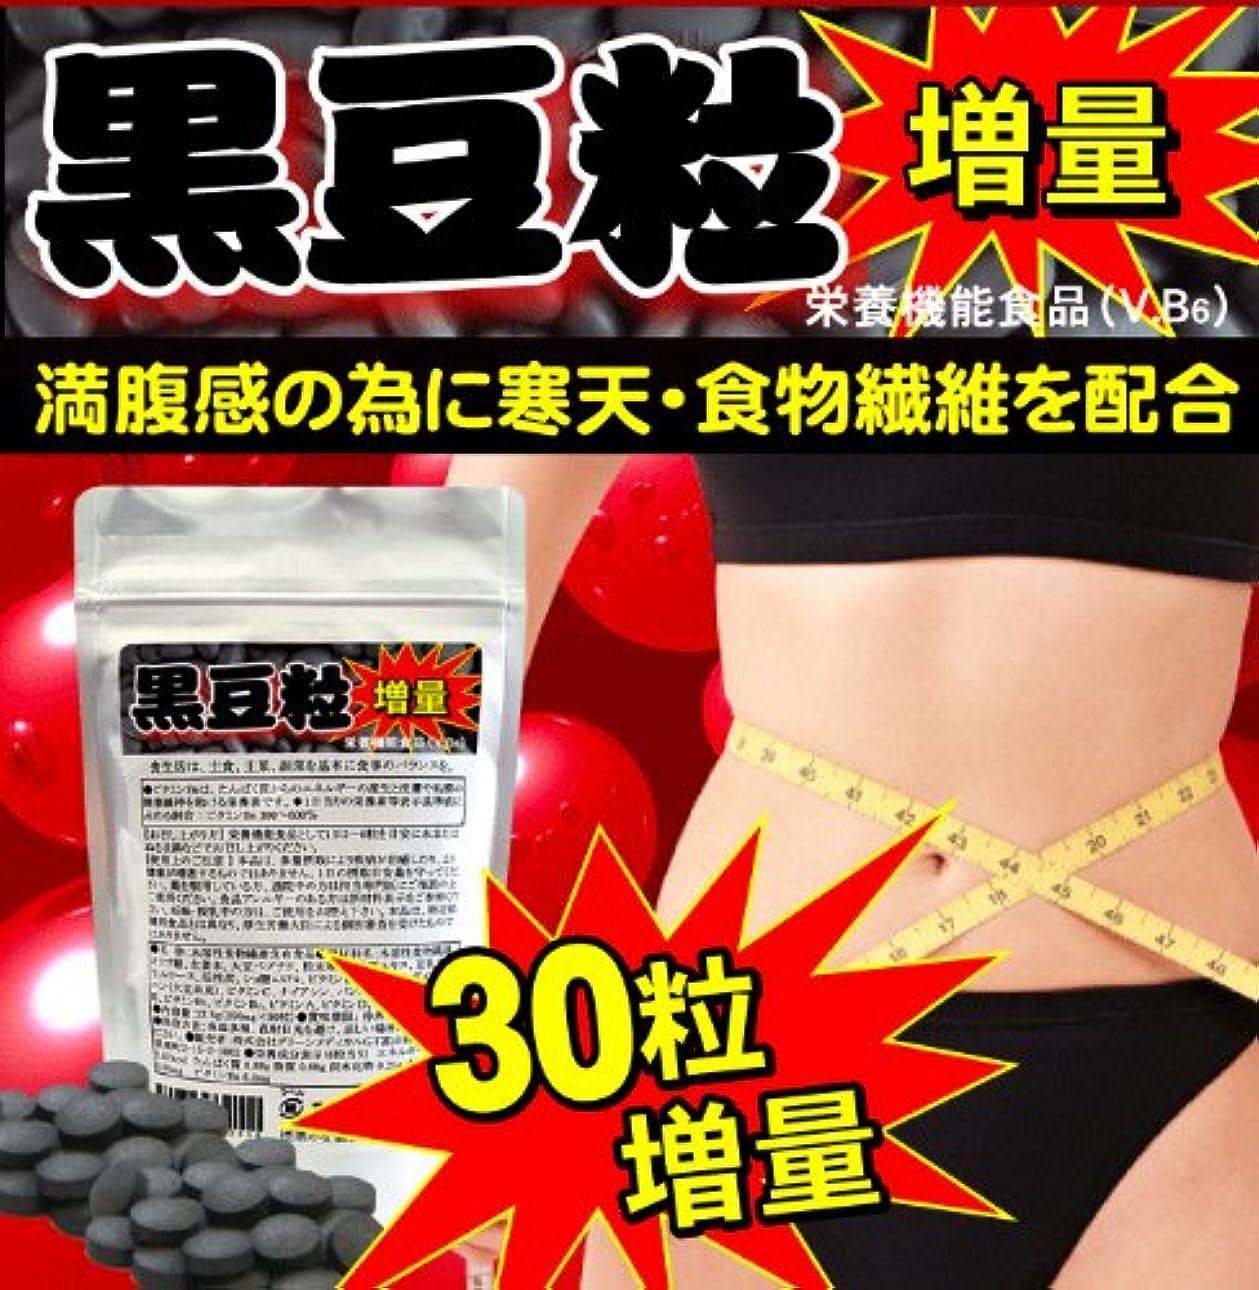 意義カメ寛解黒豆粒増量(黒豆ダイエットサプリ)